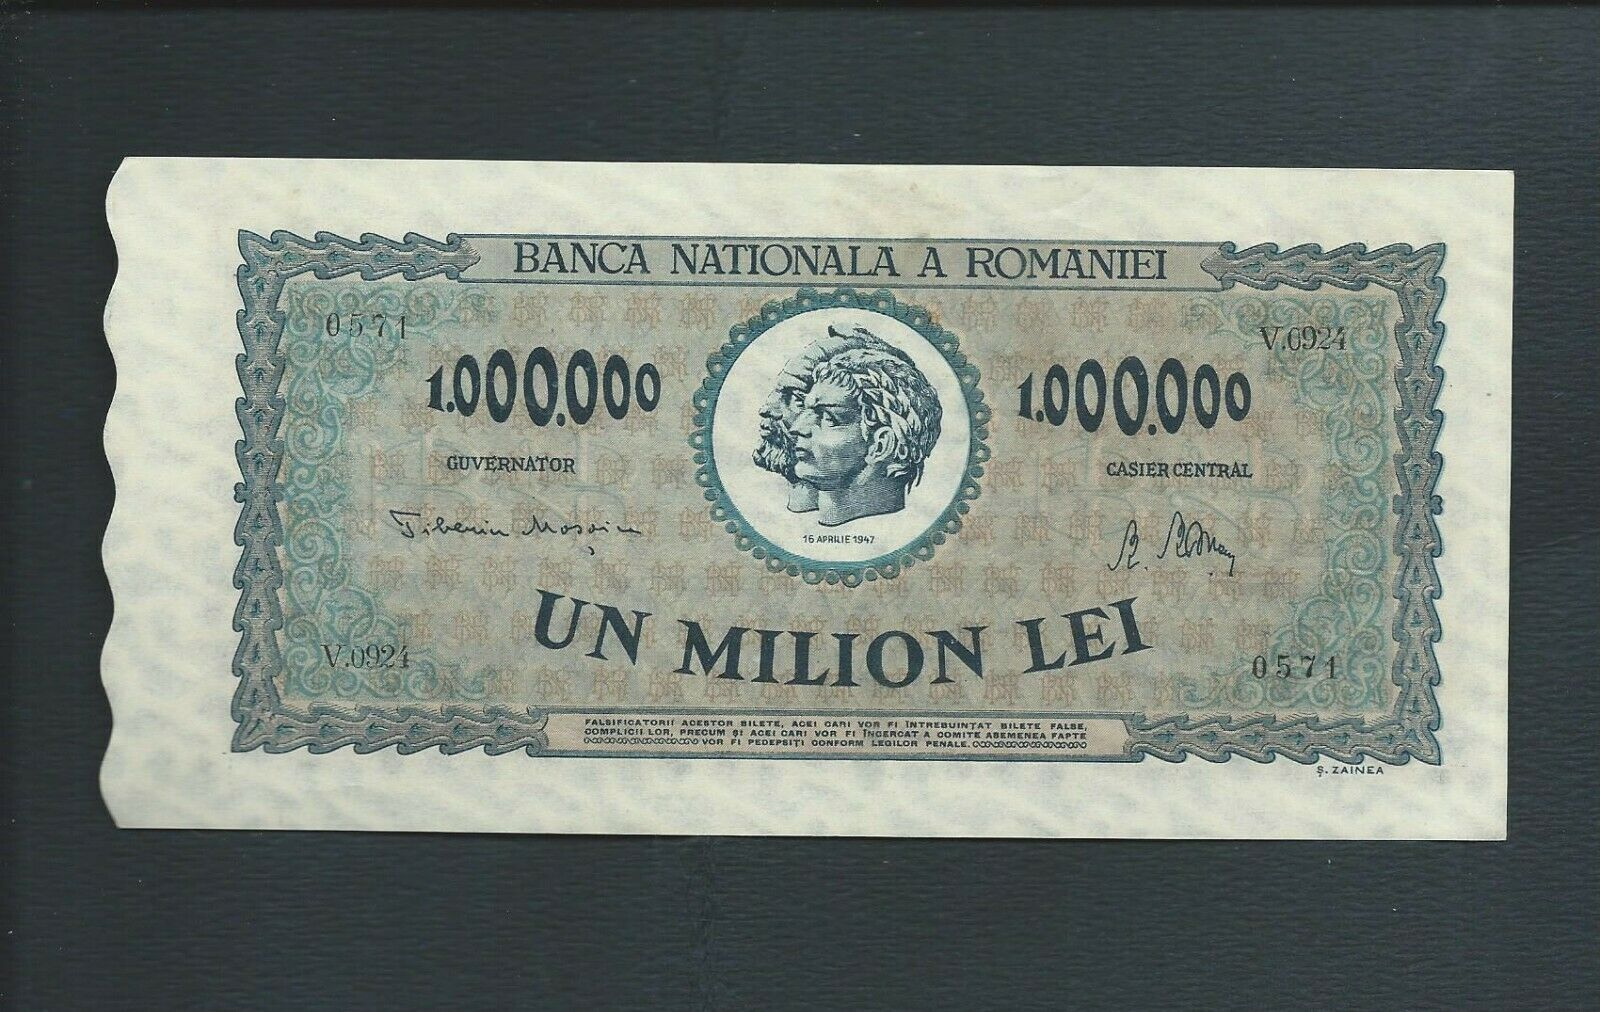 ROMANIA - 1947 - 1000000 LEI Banknote - RARE Note - NR - $0.99